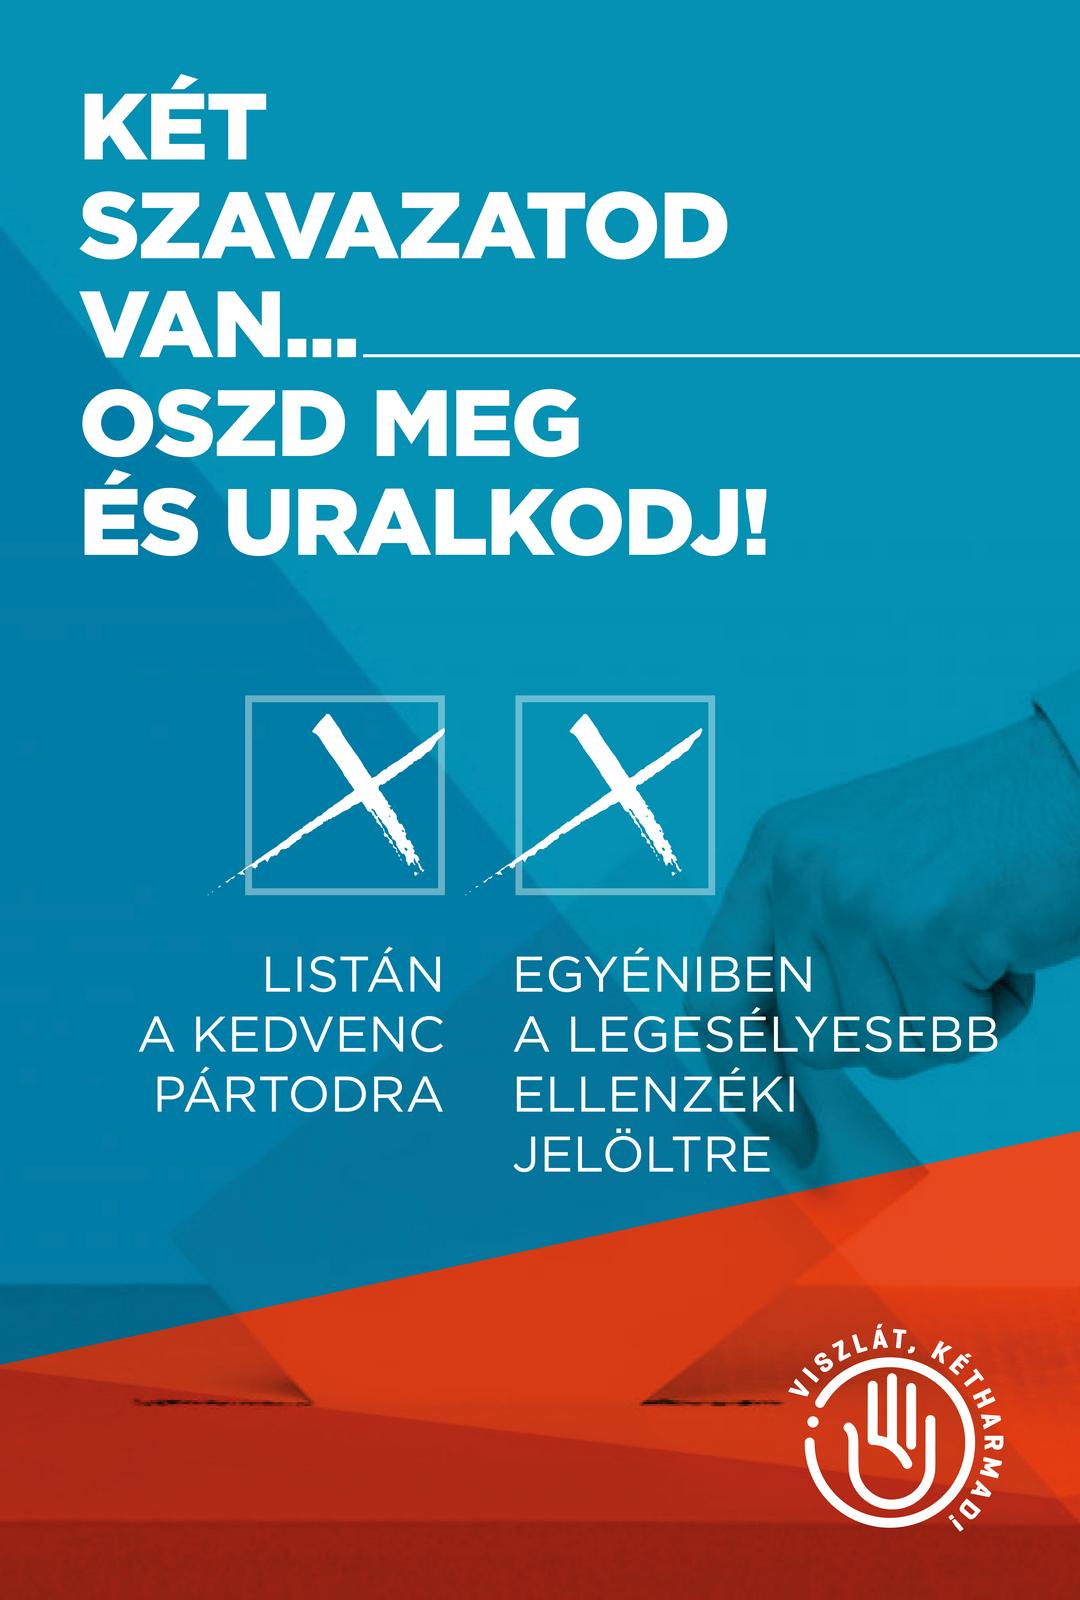 ket_szavazat_005.png